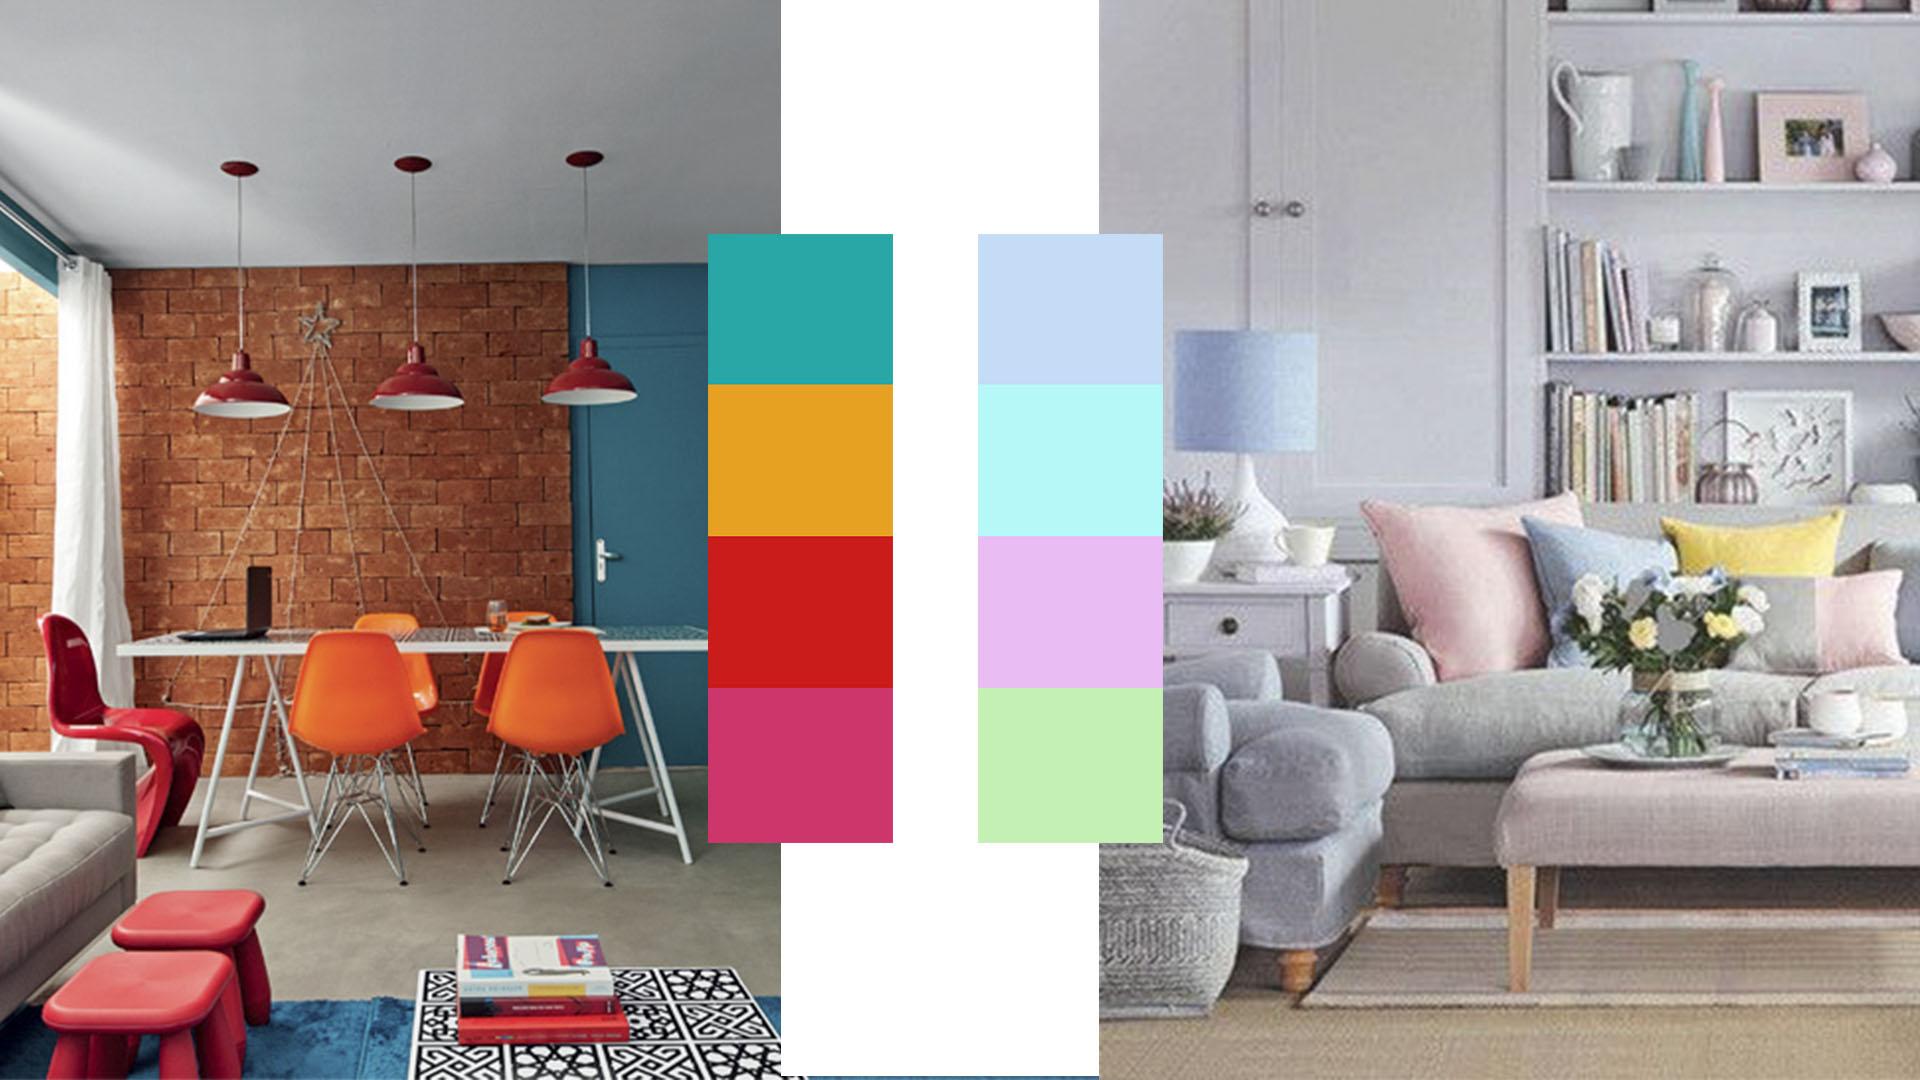 4 ideias para tornar a sua casa num refúgio de Verão: Ambiente cores vivas e vibrantes e ambiente com tons frescos e pastel